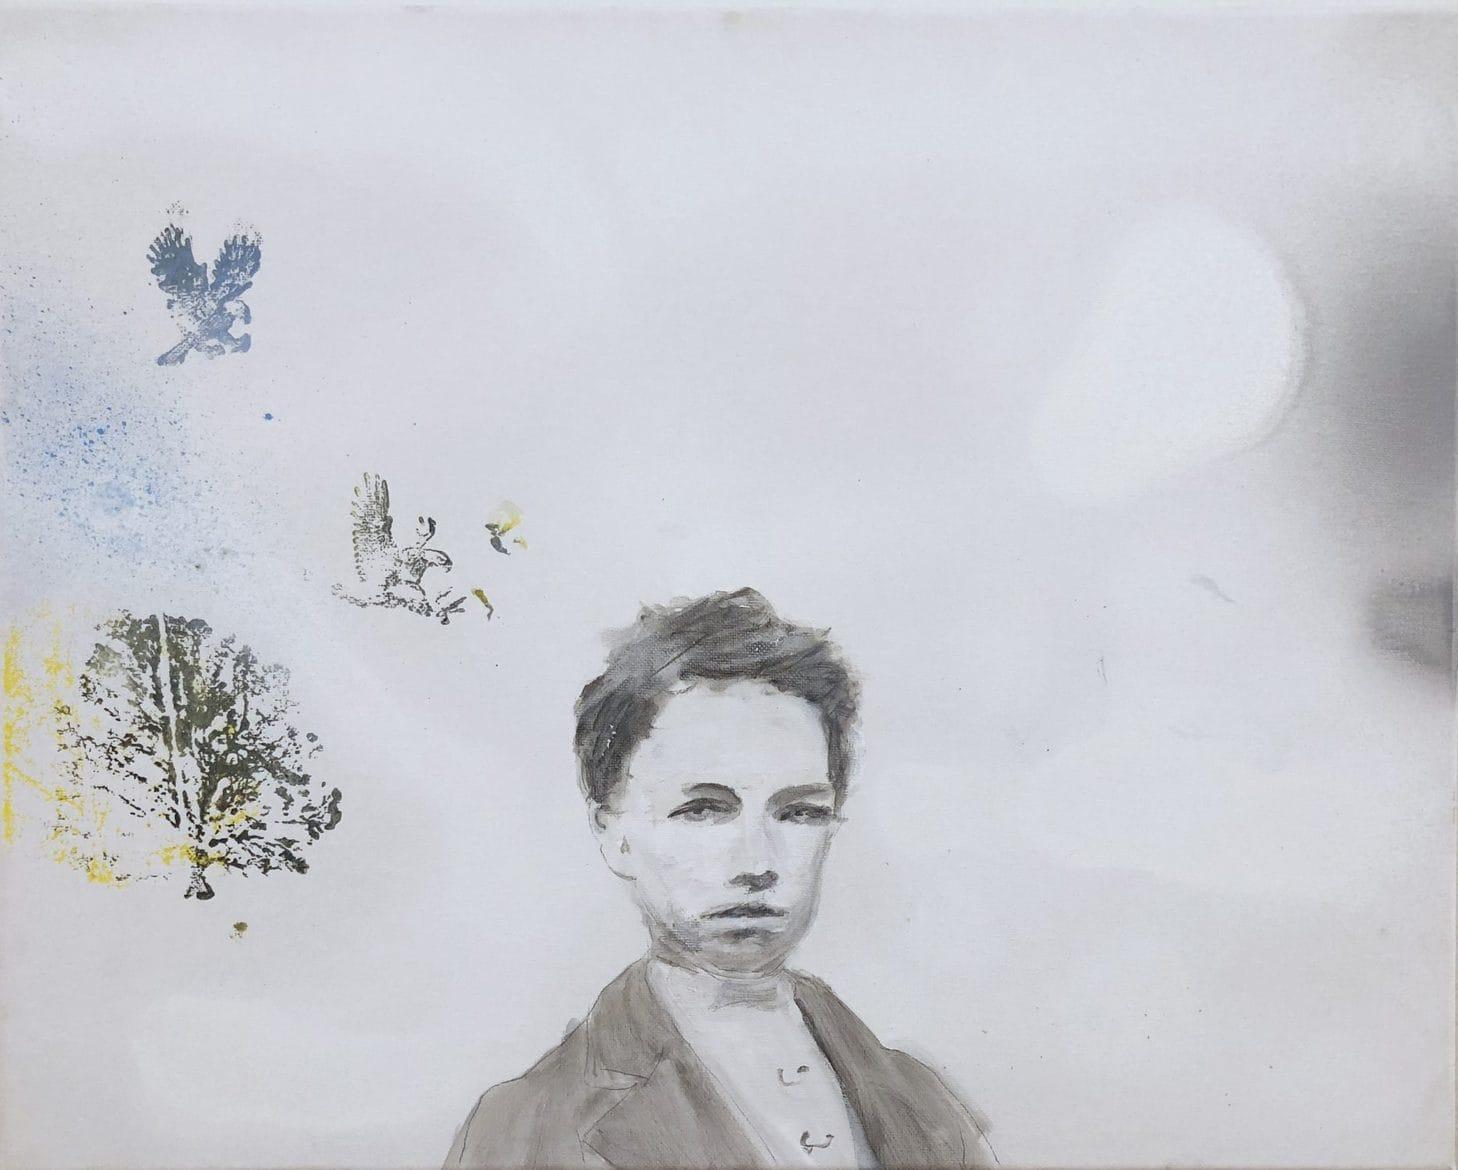 Tim Johnson, 'Arthur', 2019, acrylic on canvas, 40 x 50 cm